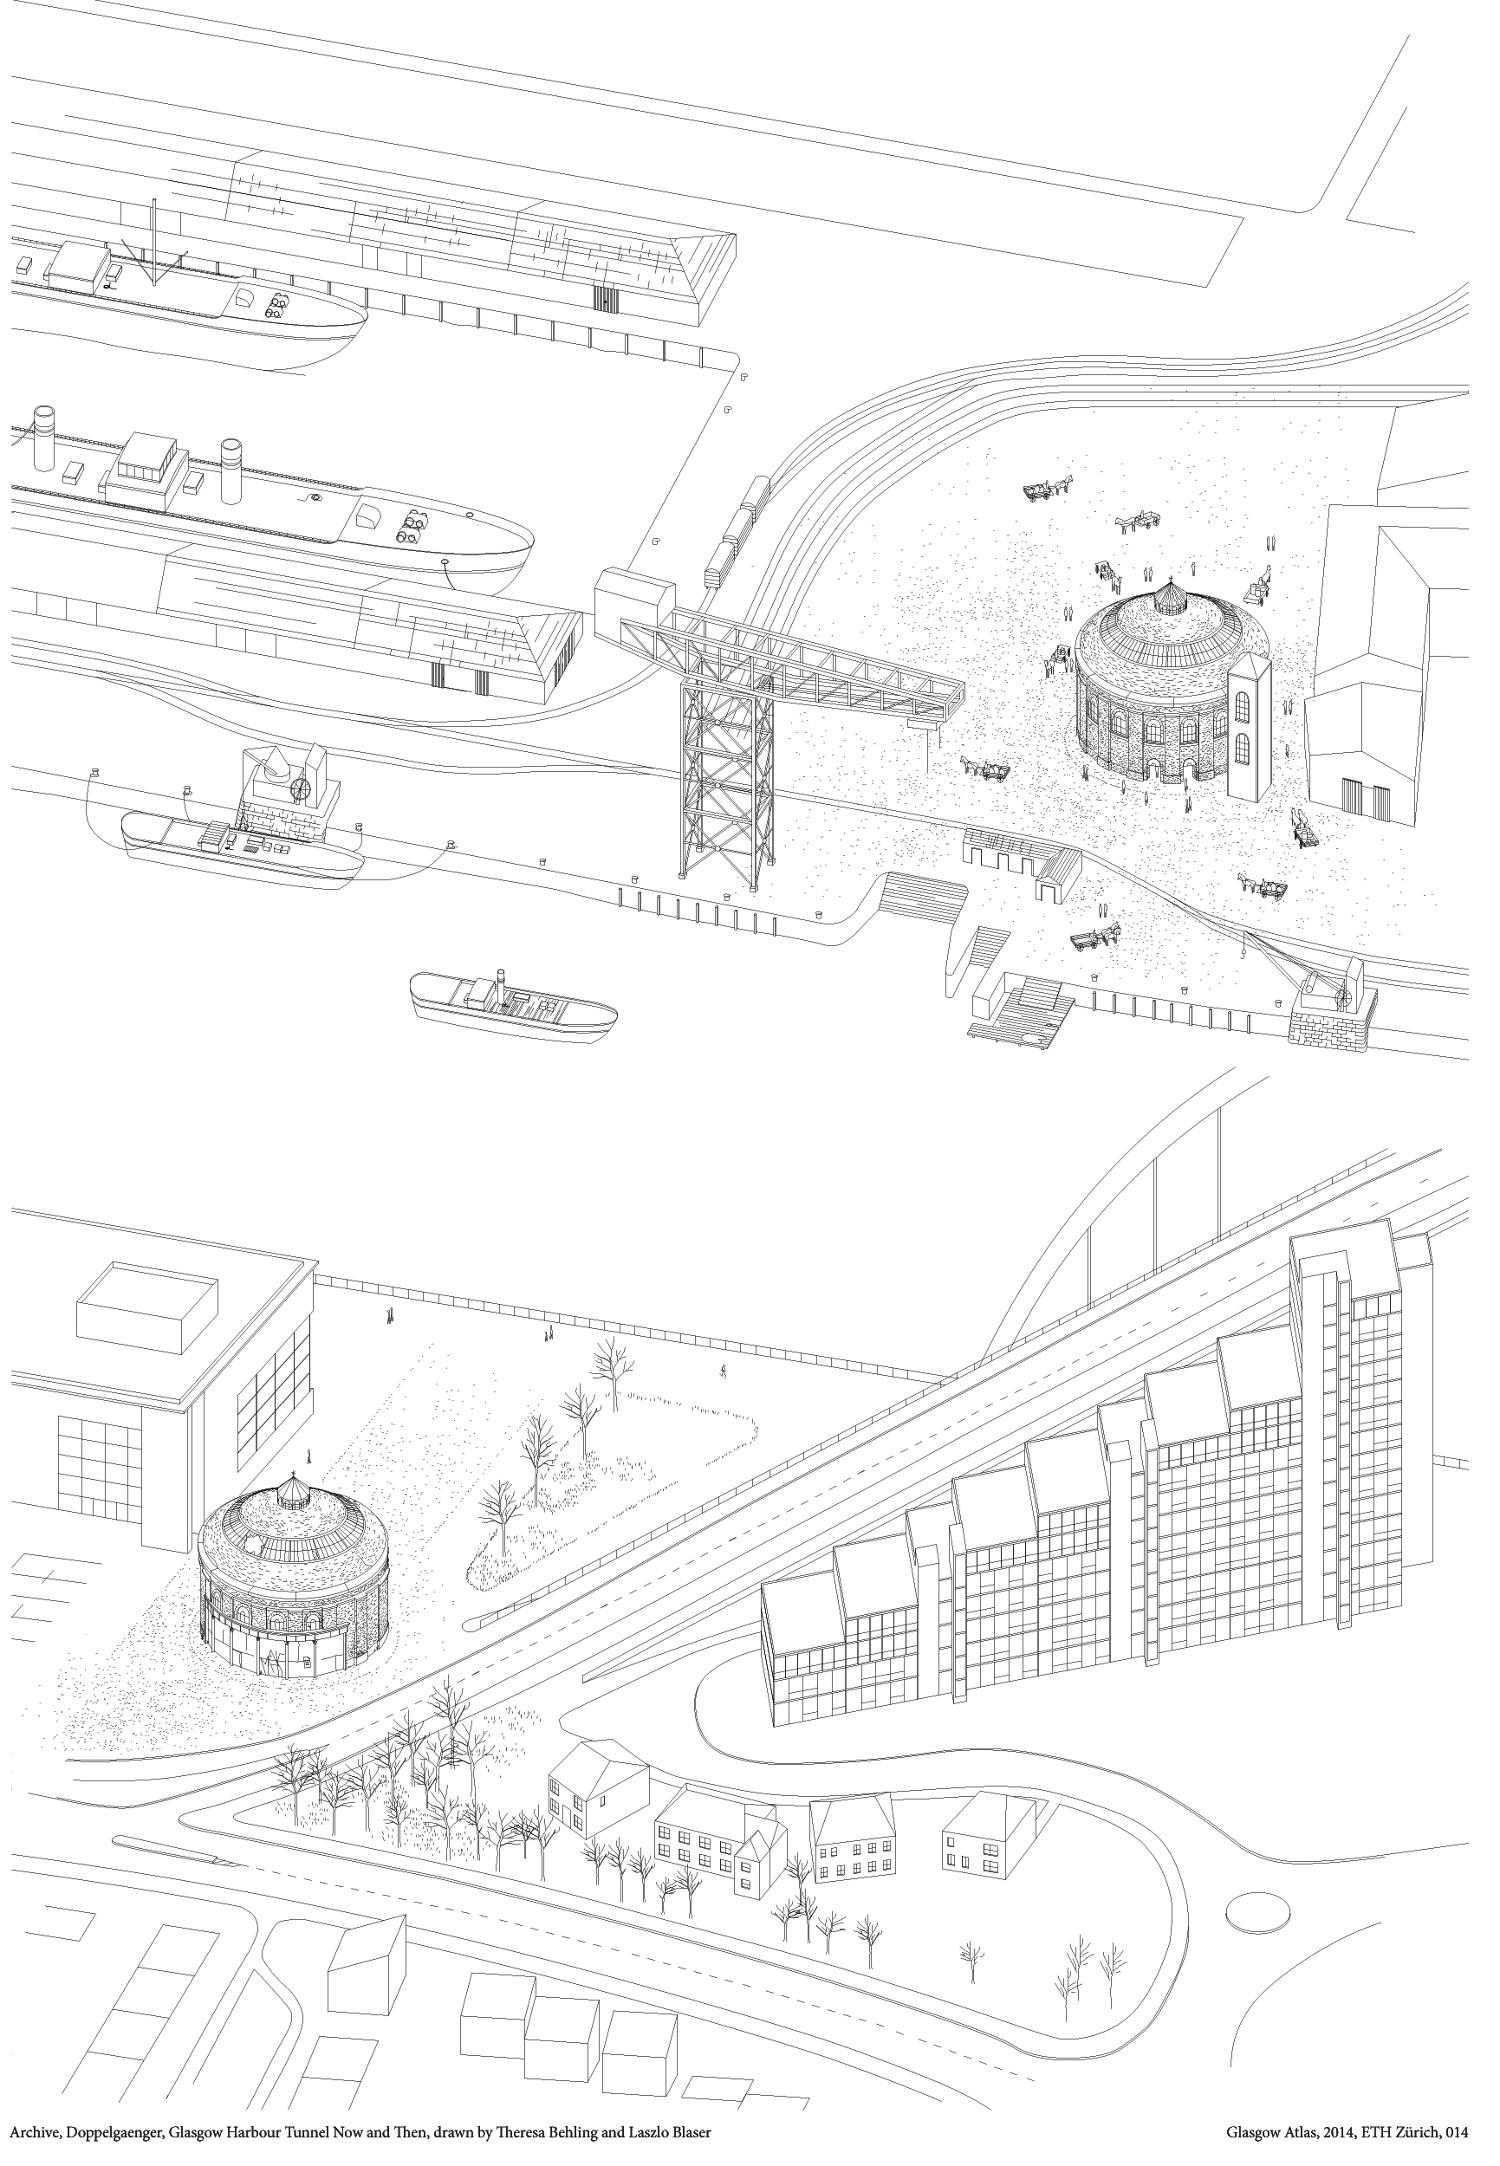 Glasgow Atlas Studio Tom Emerson